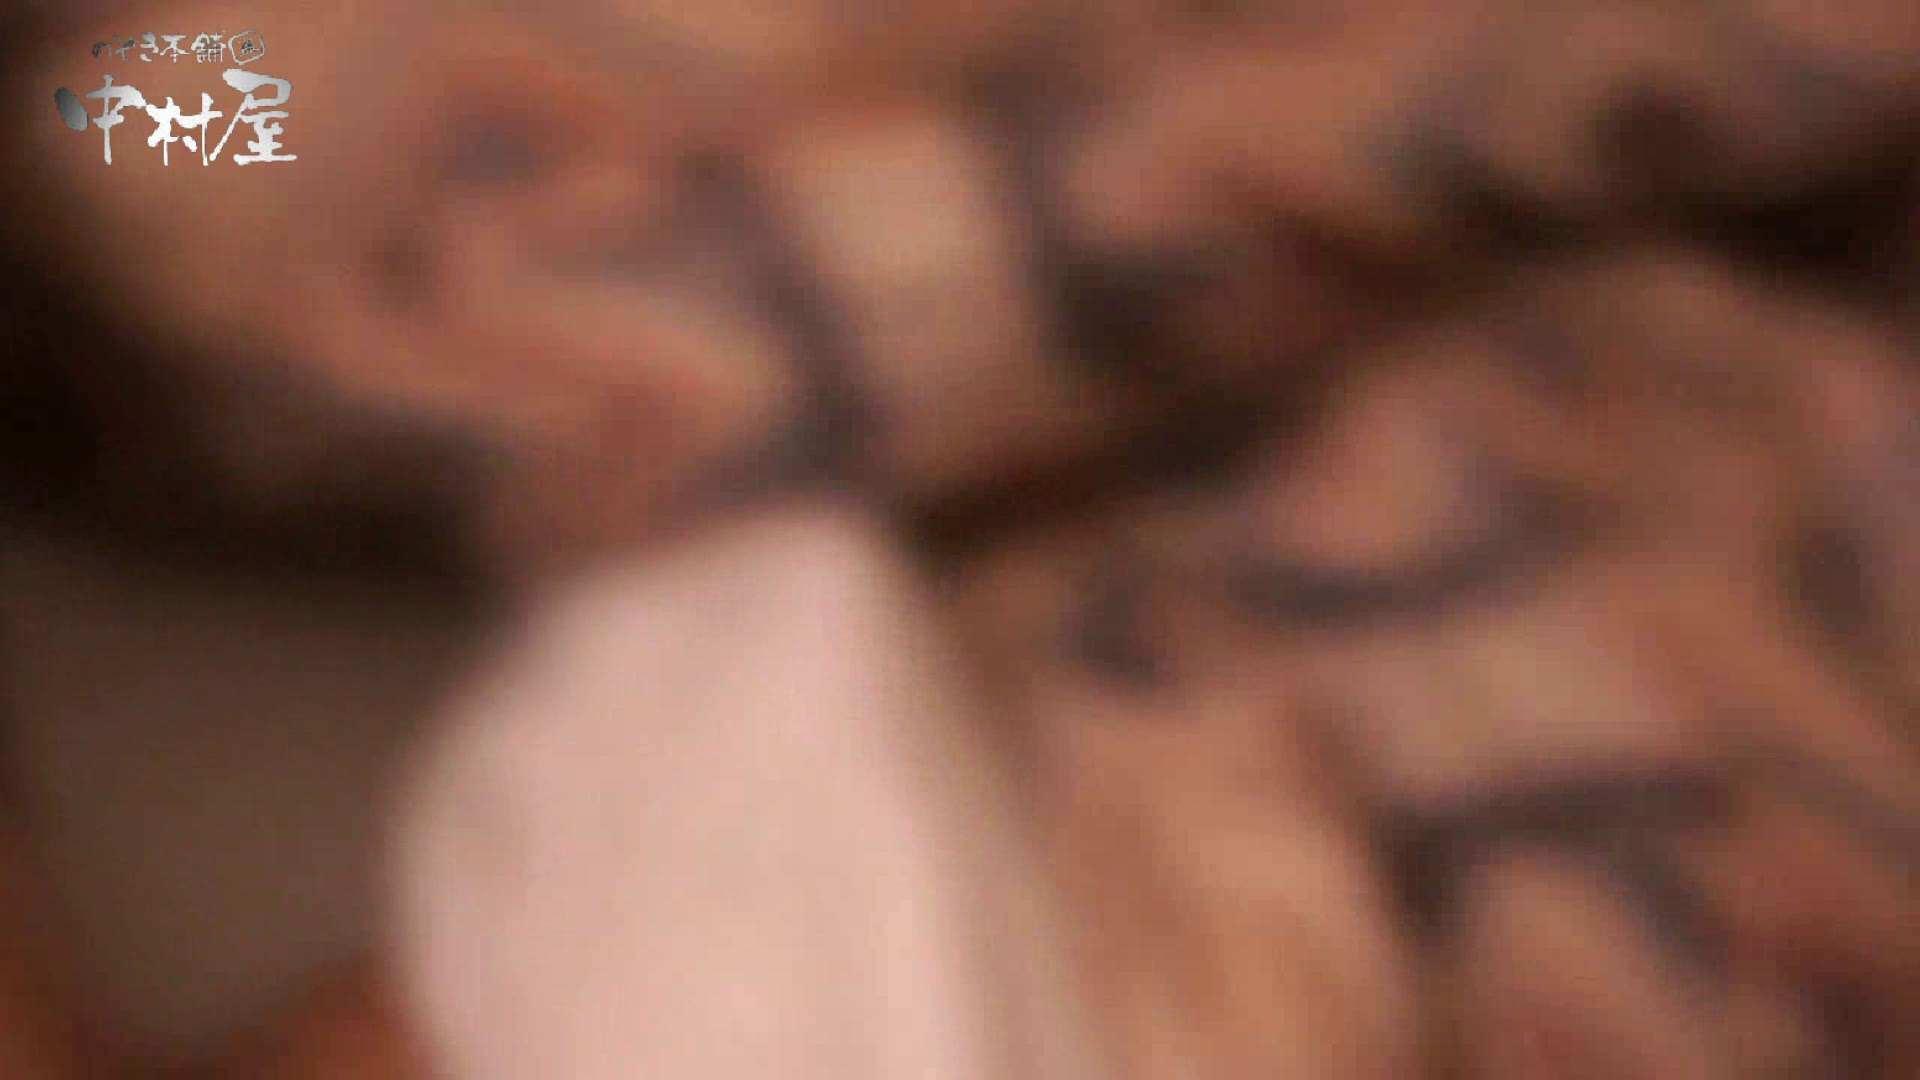 欲望 リアルドール Case.08 Mちゃん19歳 巨乳ギャル ギャルエロ画像 AV無料 61PICs 22